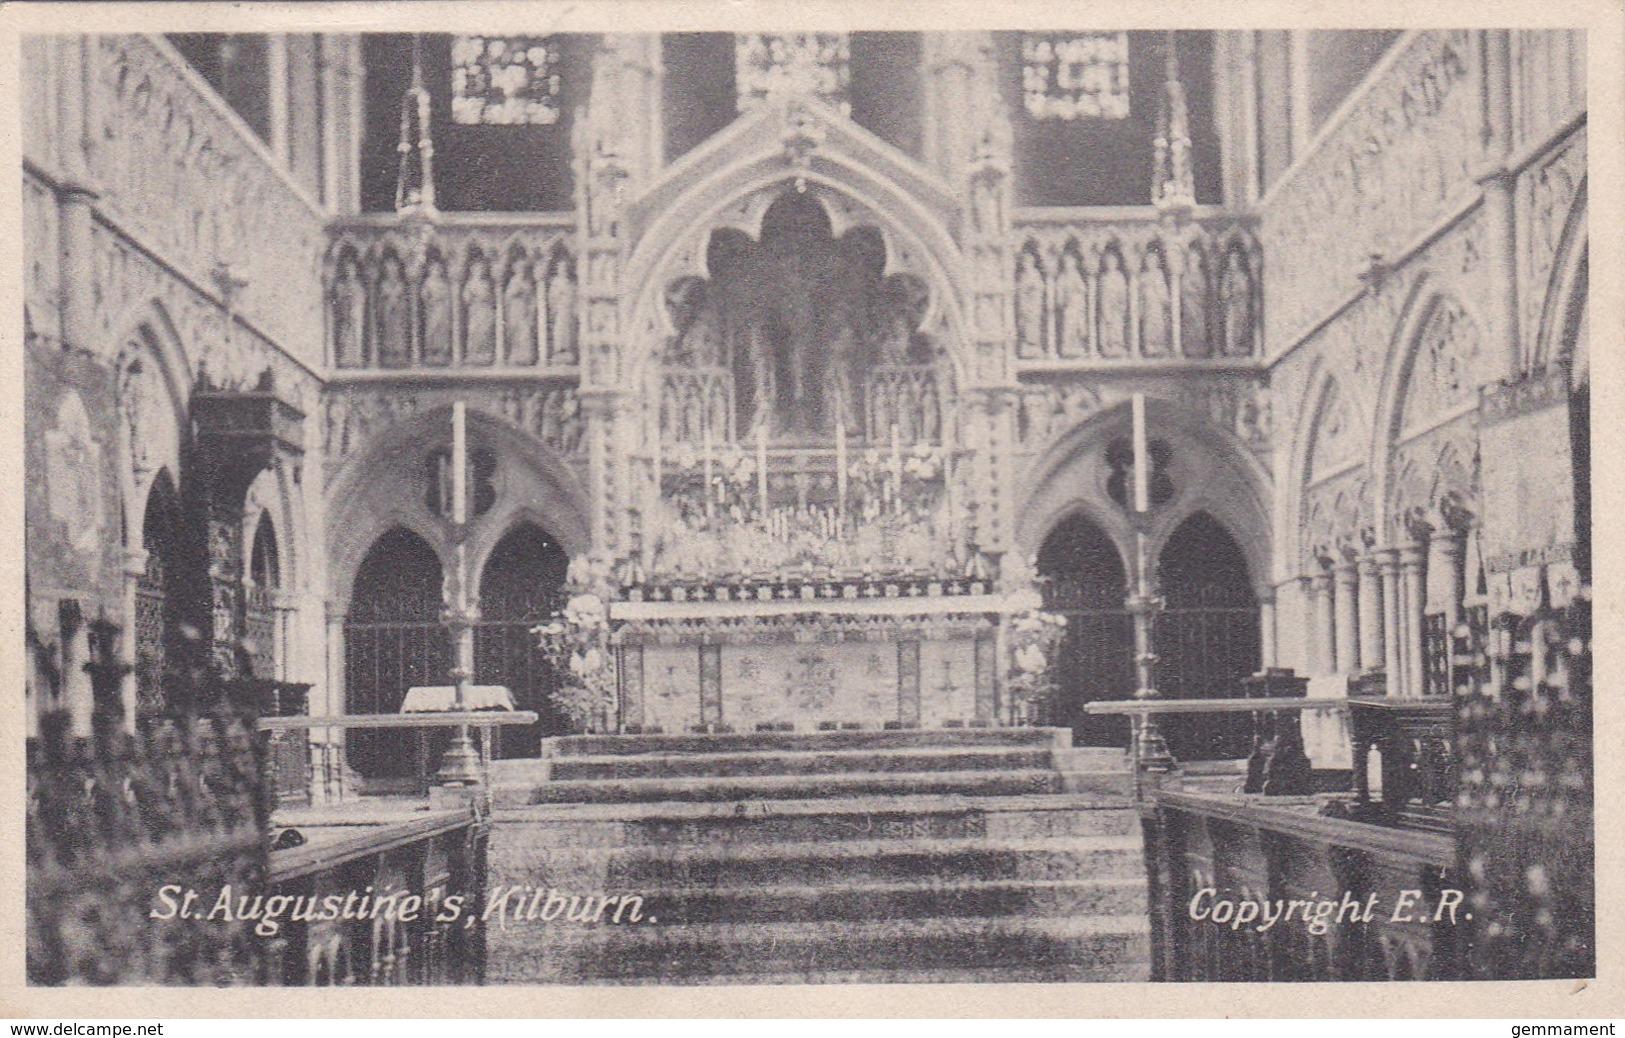 KILBURN - ST AUGUSTINES CHURCH INTERIOR - London Suburbs